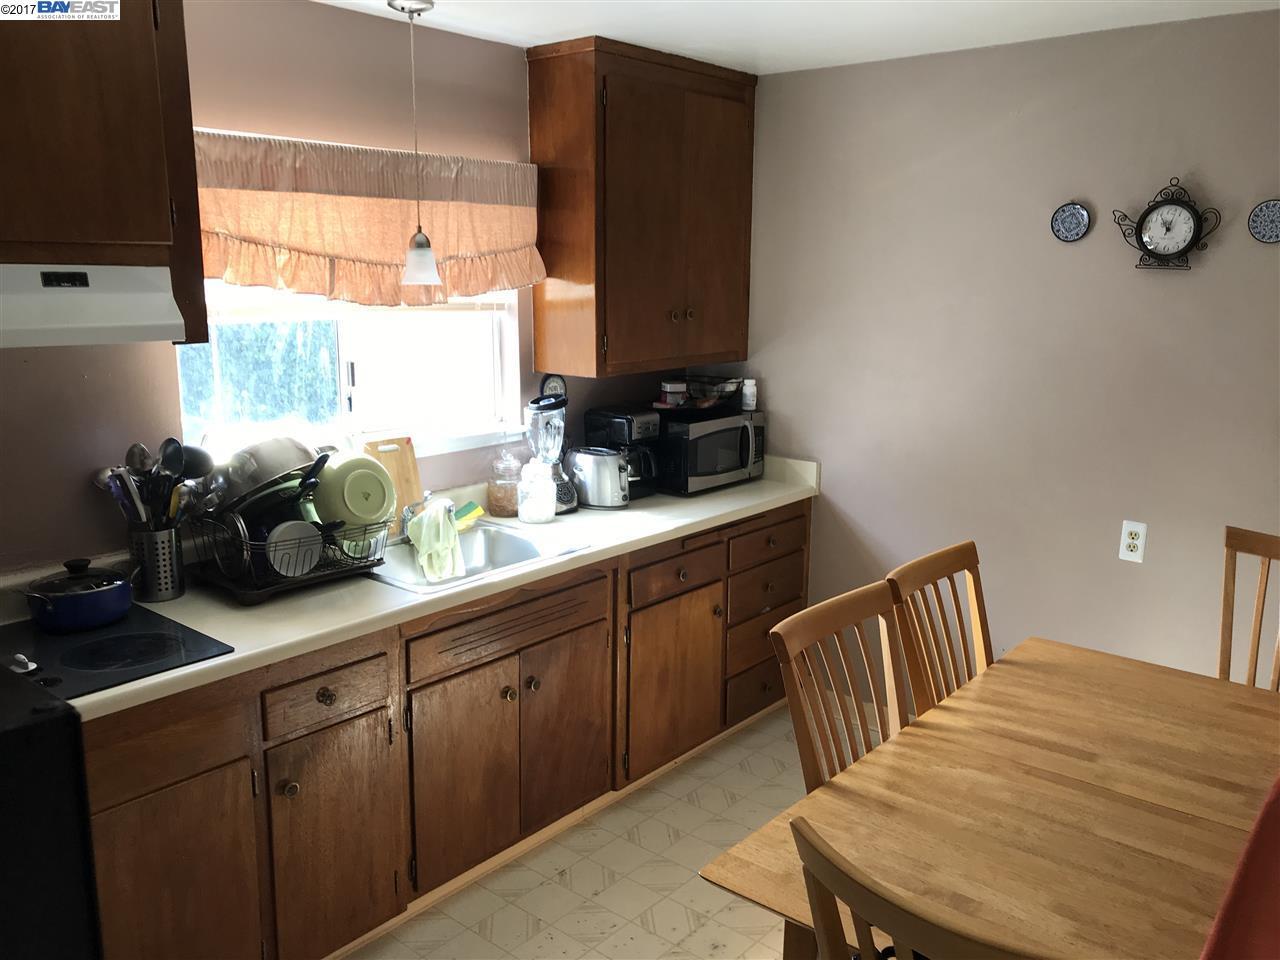 واحد منزل الأسرة للـ Sale في 1661 Mono Avenue 1661 Mono Avenue San Lorenzo, California 94578 United States